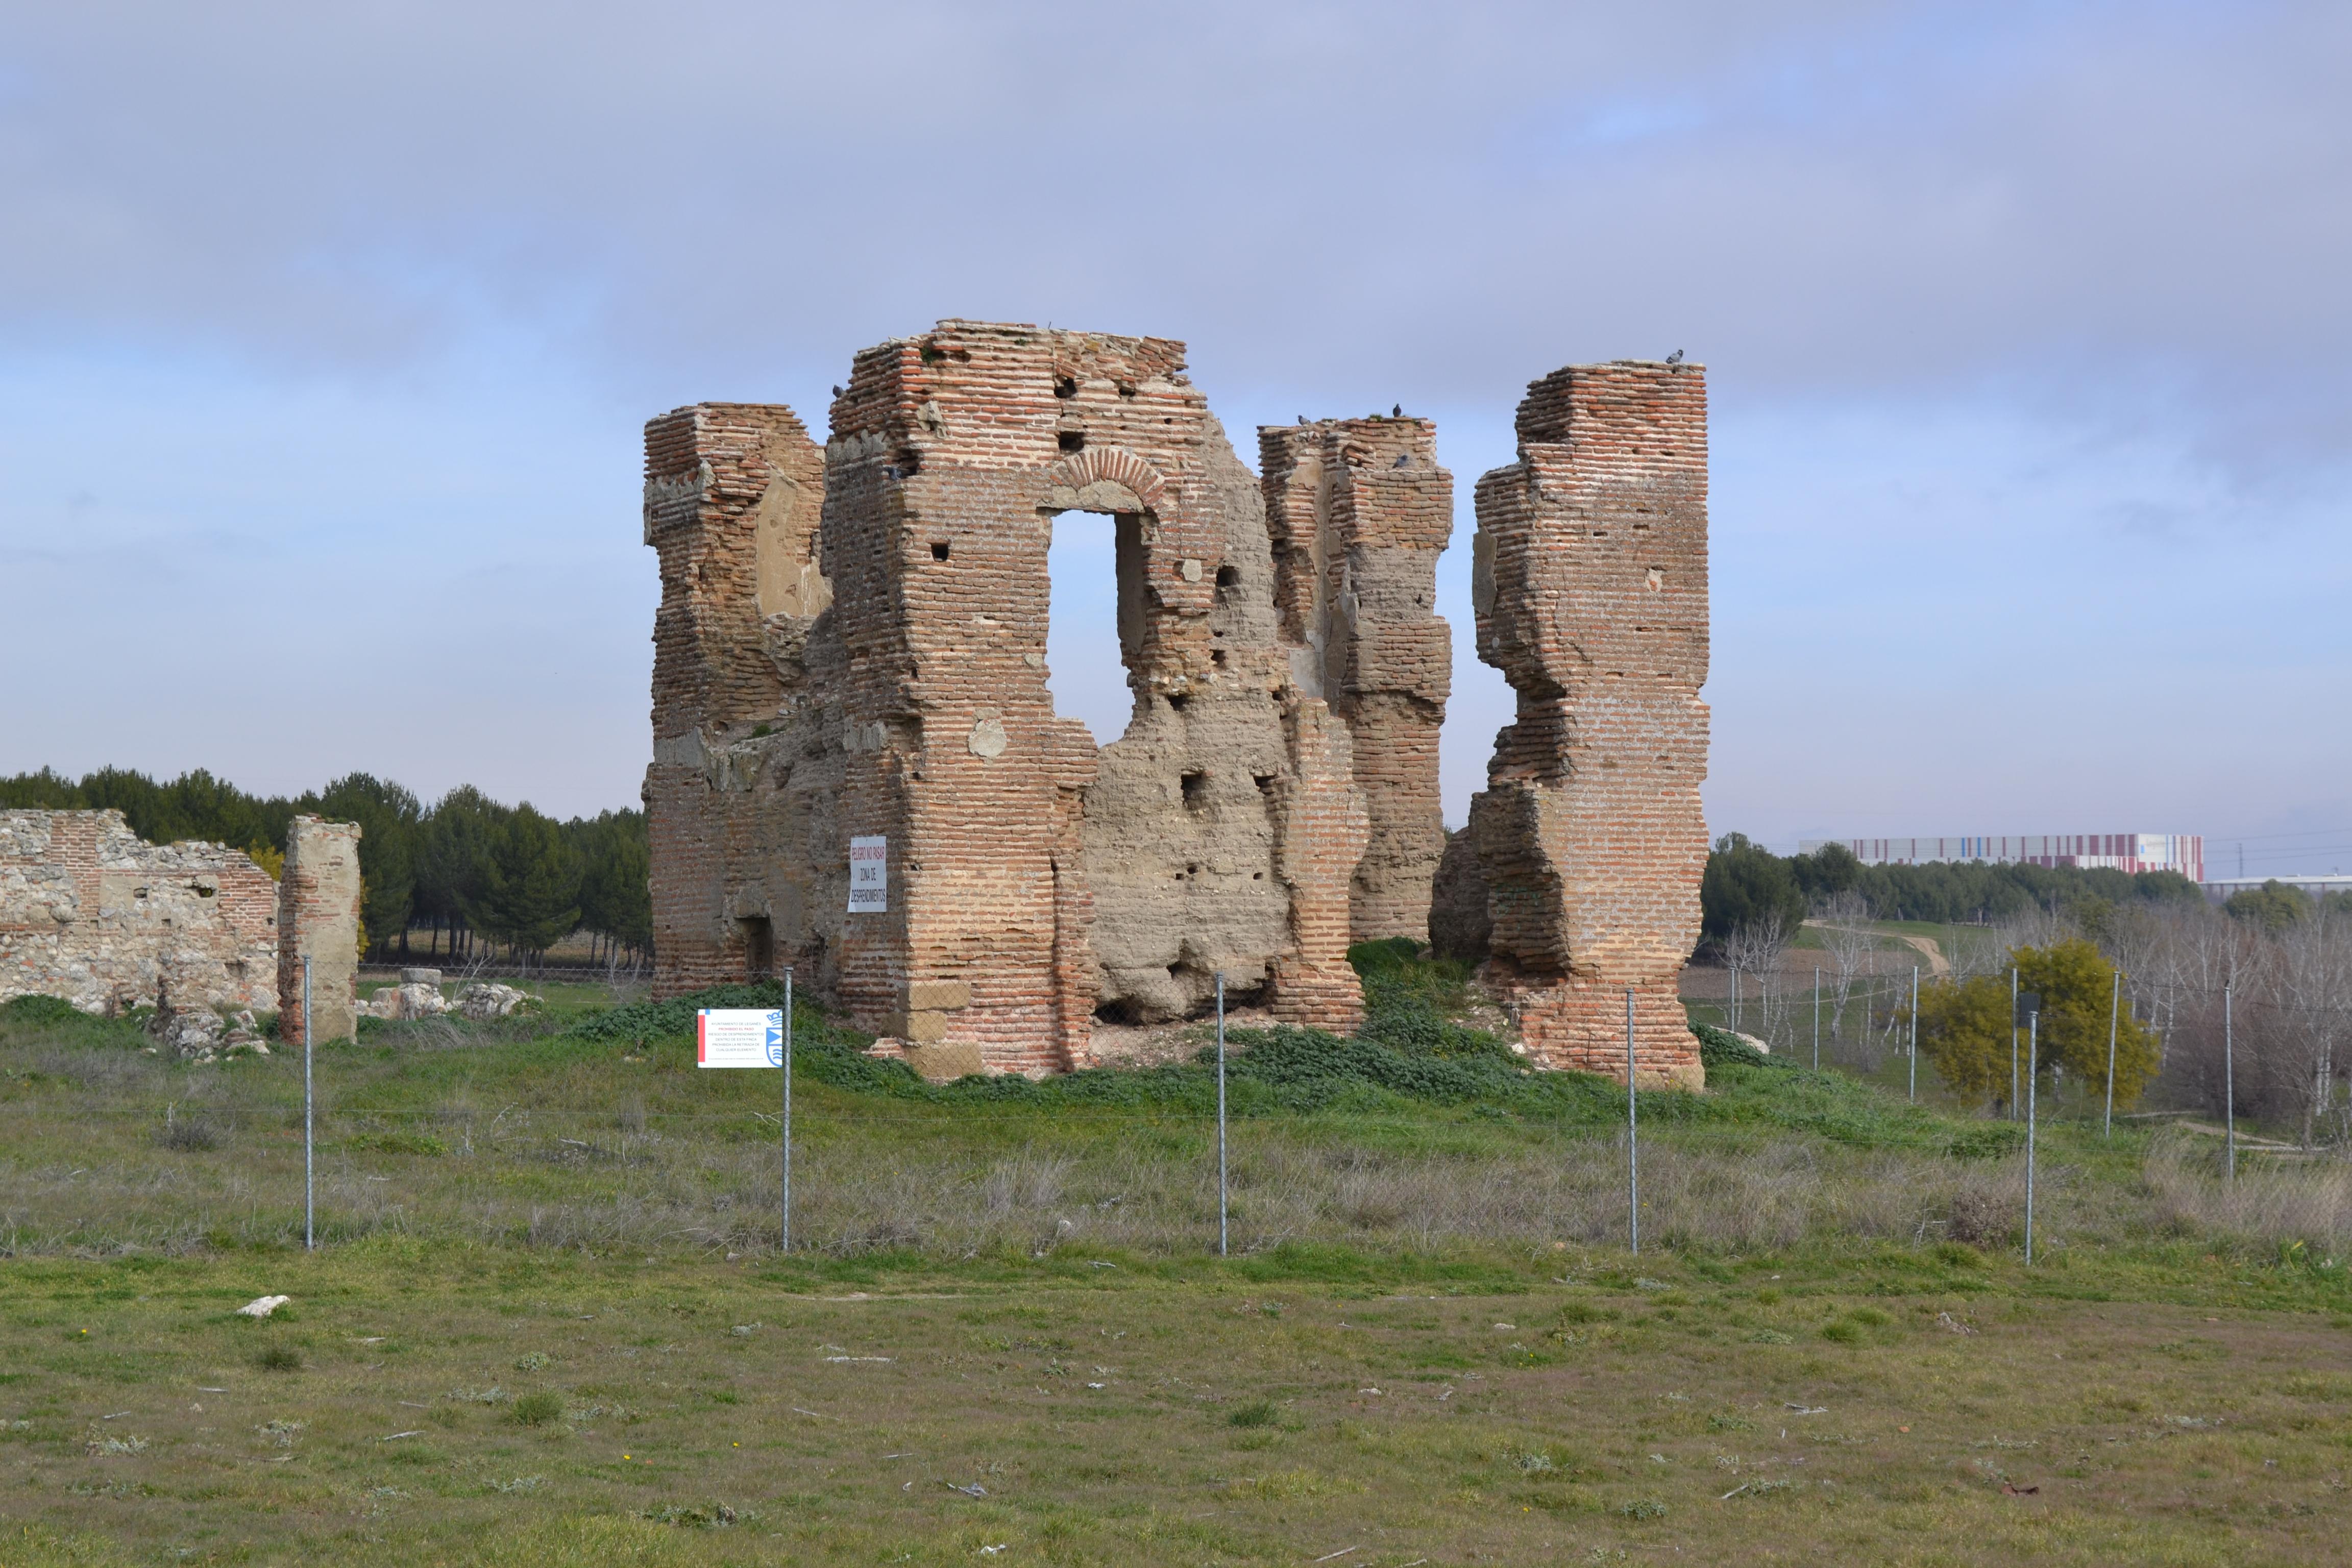 Casa solariega de donde fue sustraído el escudo de Polvoranca, que hoy descansa en el centro de Las Dehesillas, en Leganés